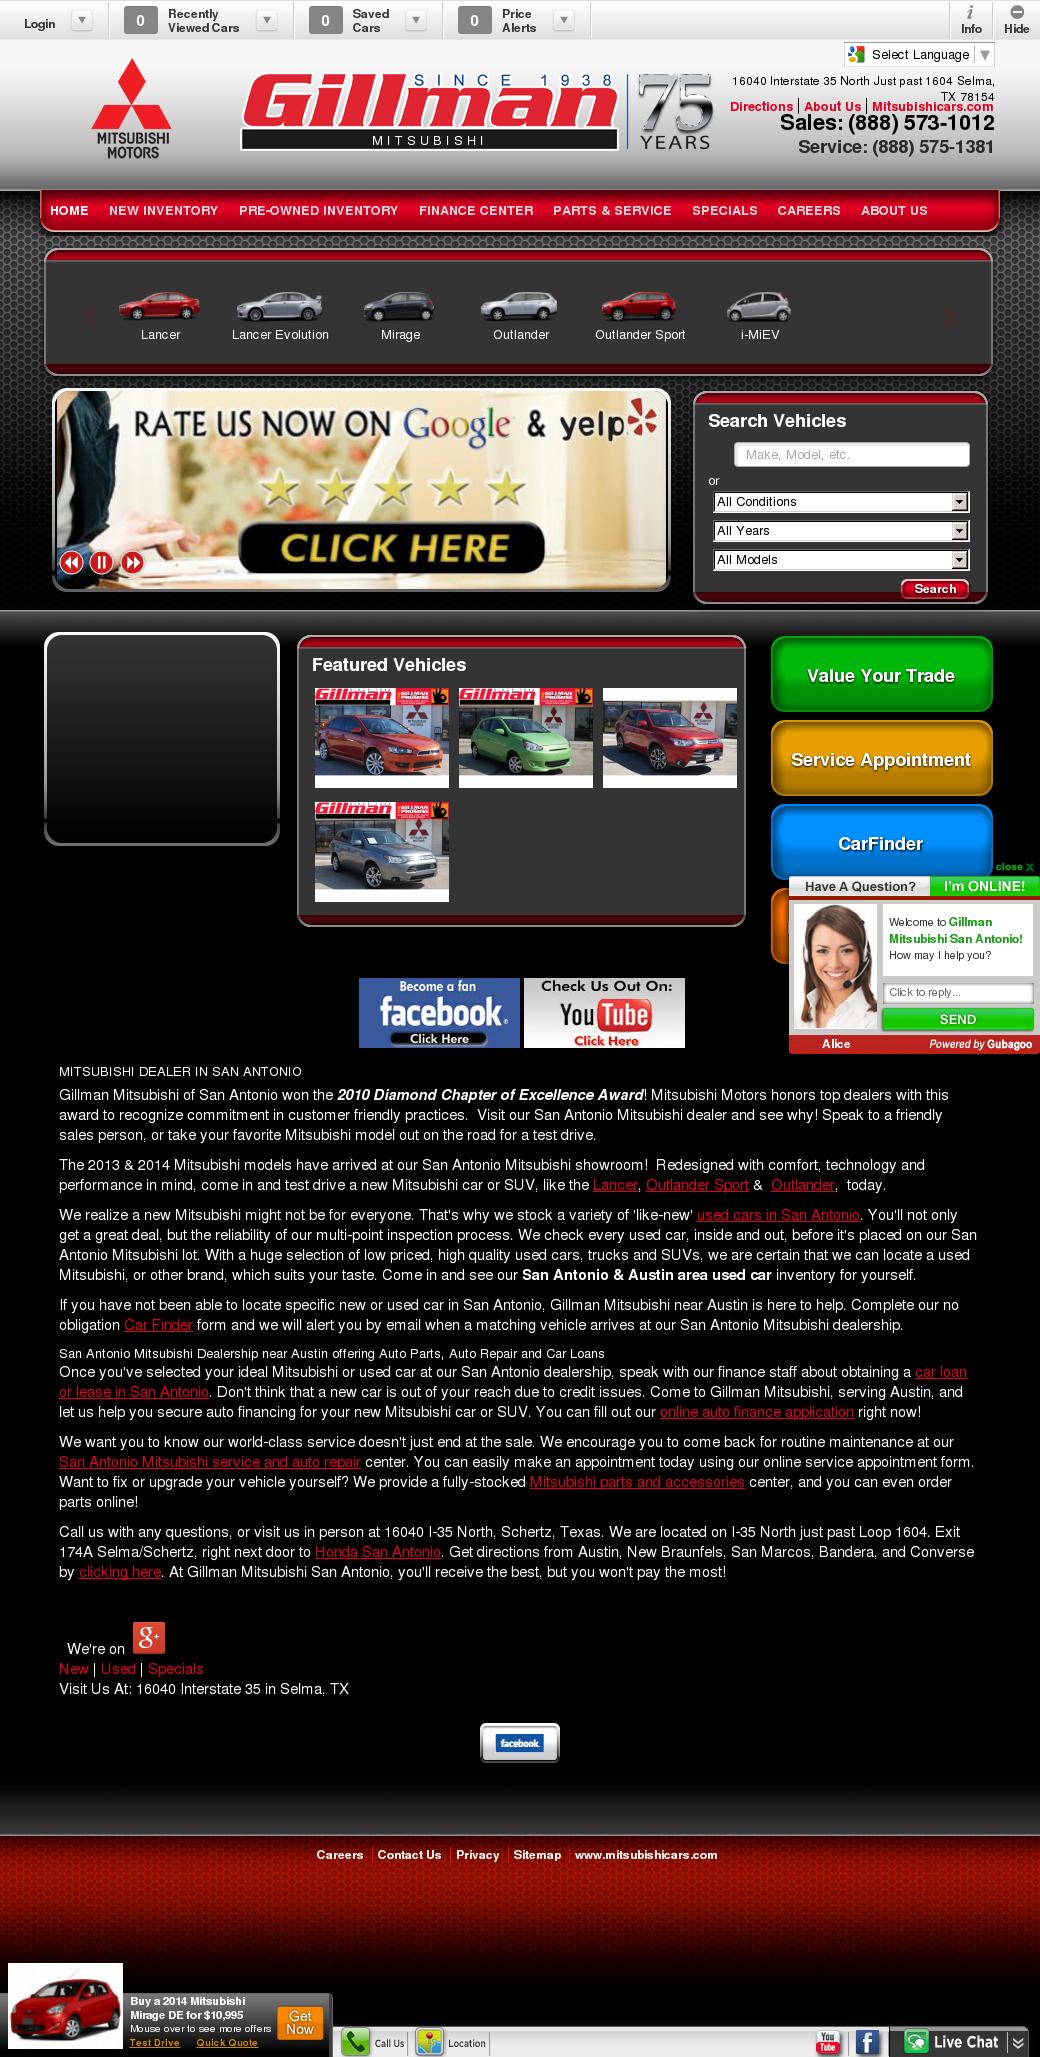 Gillman Mitsubishi Of San Antonio Competitors, Revenue And Employees    Owler Company Profile